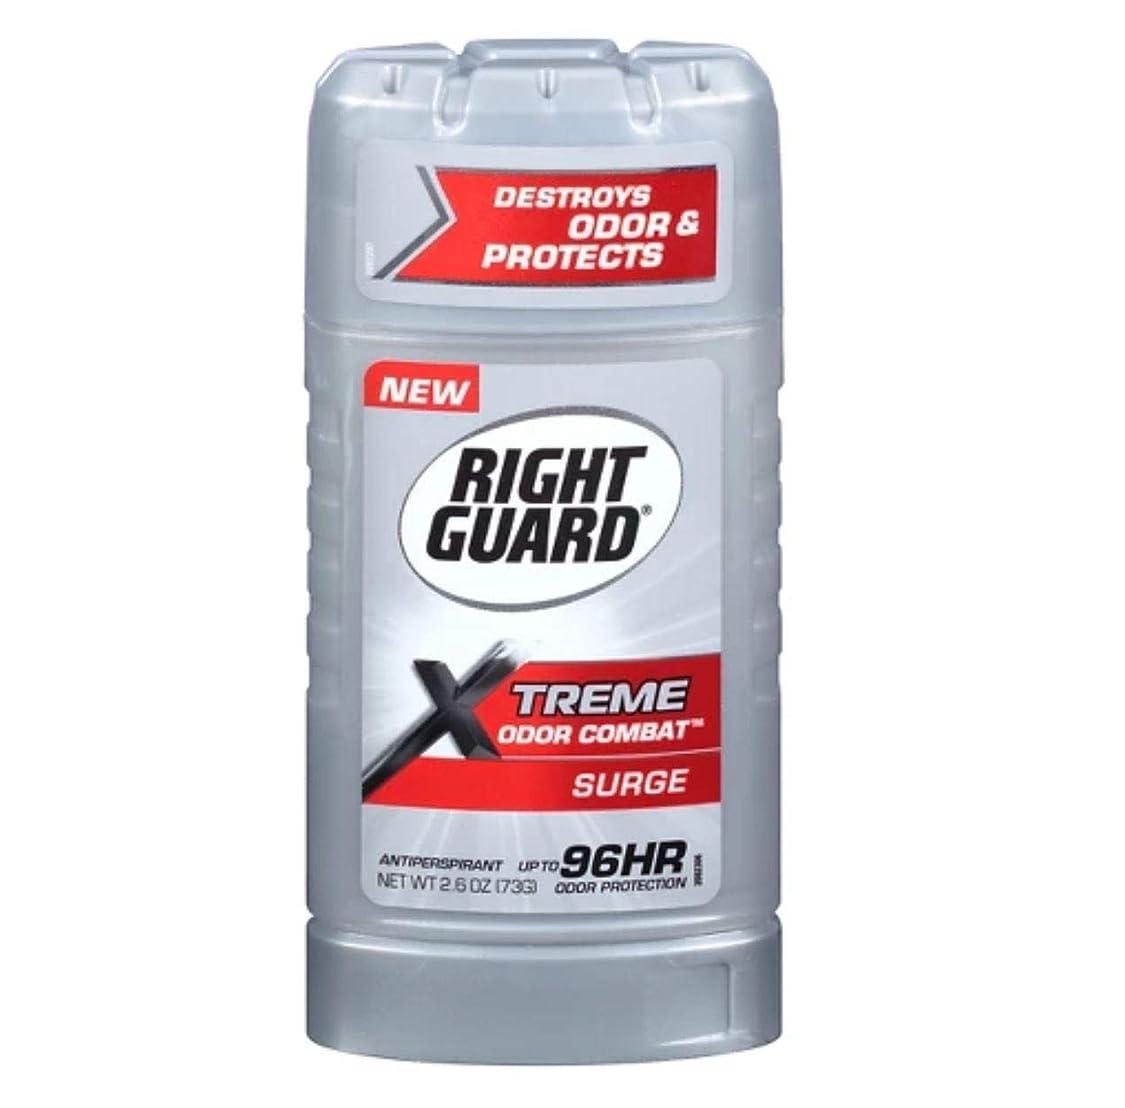 露不健全蚊Right Guard Xtreme Odor Combat Surge Invisible Solid Antiperspirant and Deodorant - 2.6oz 海外直送品 [並行輸入品]